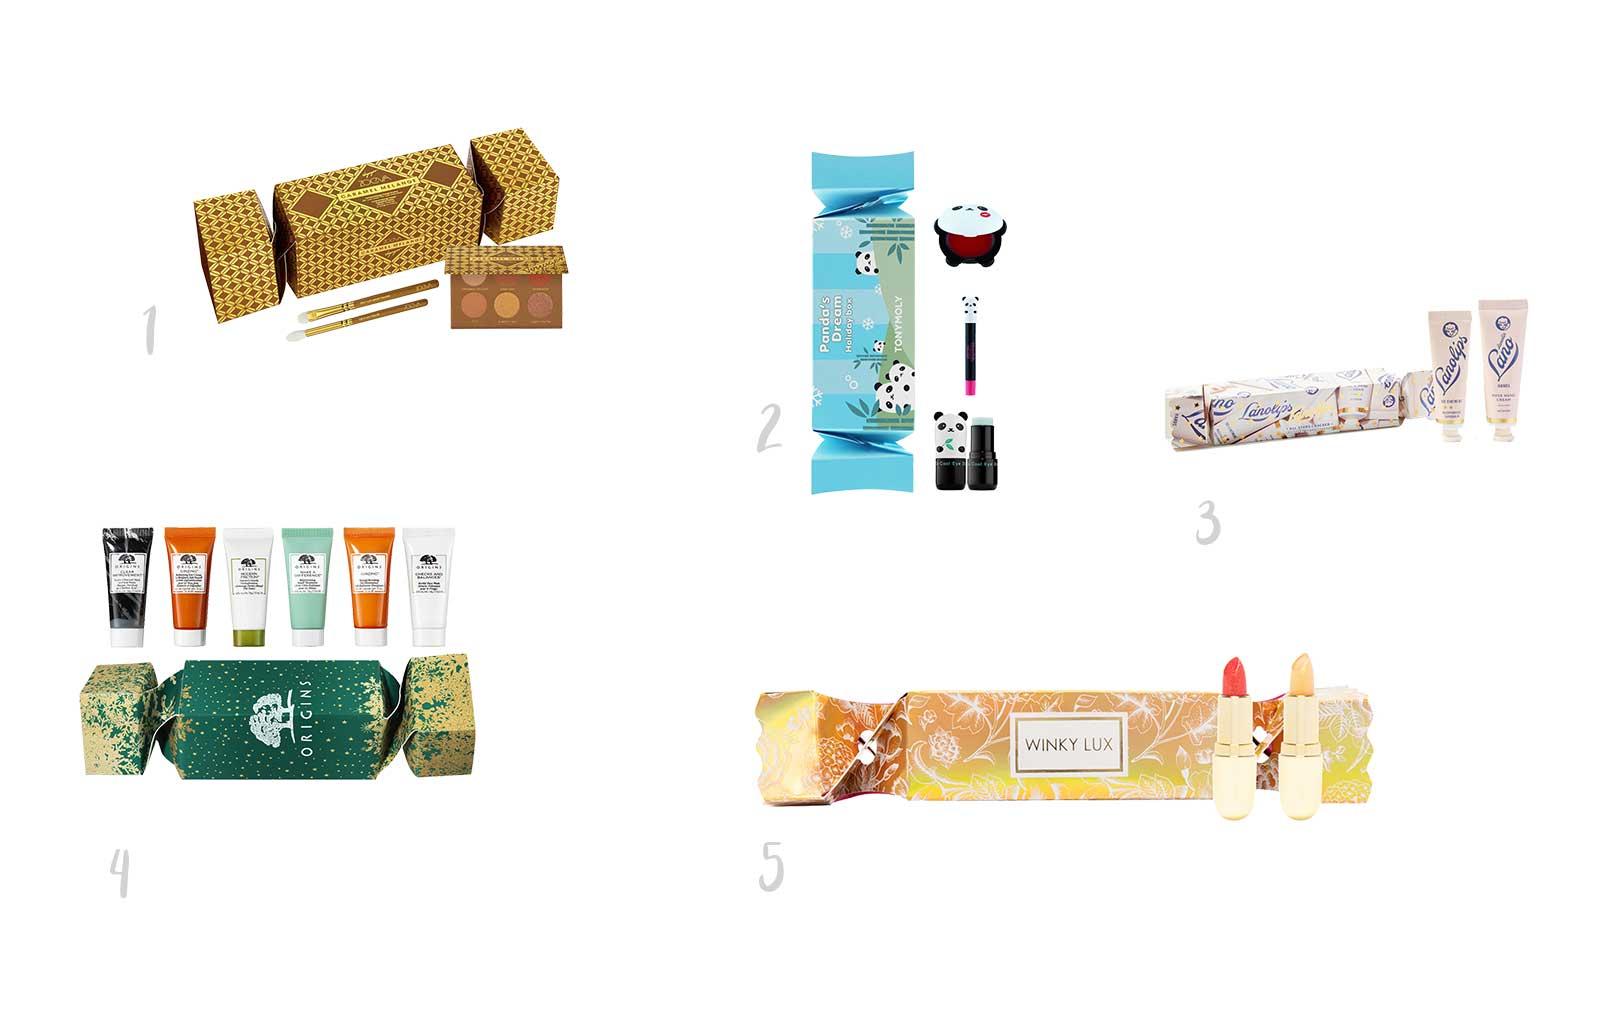 Noël idées cadeaux beauty addict crackers